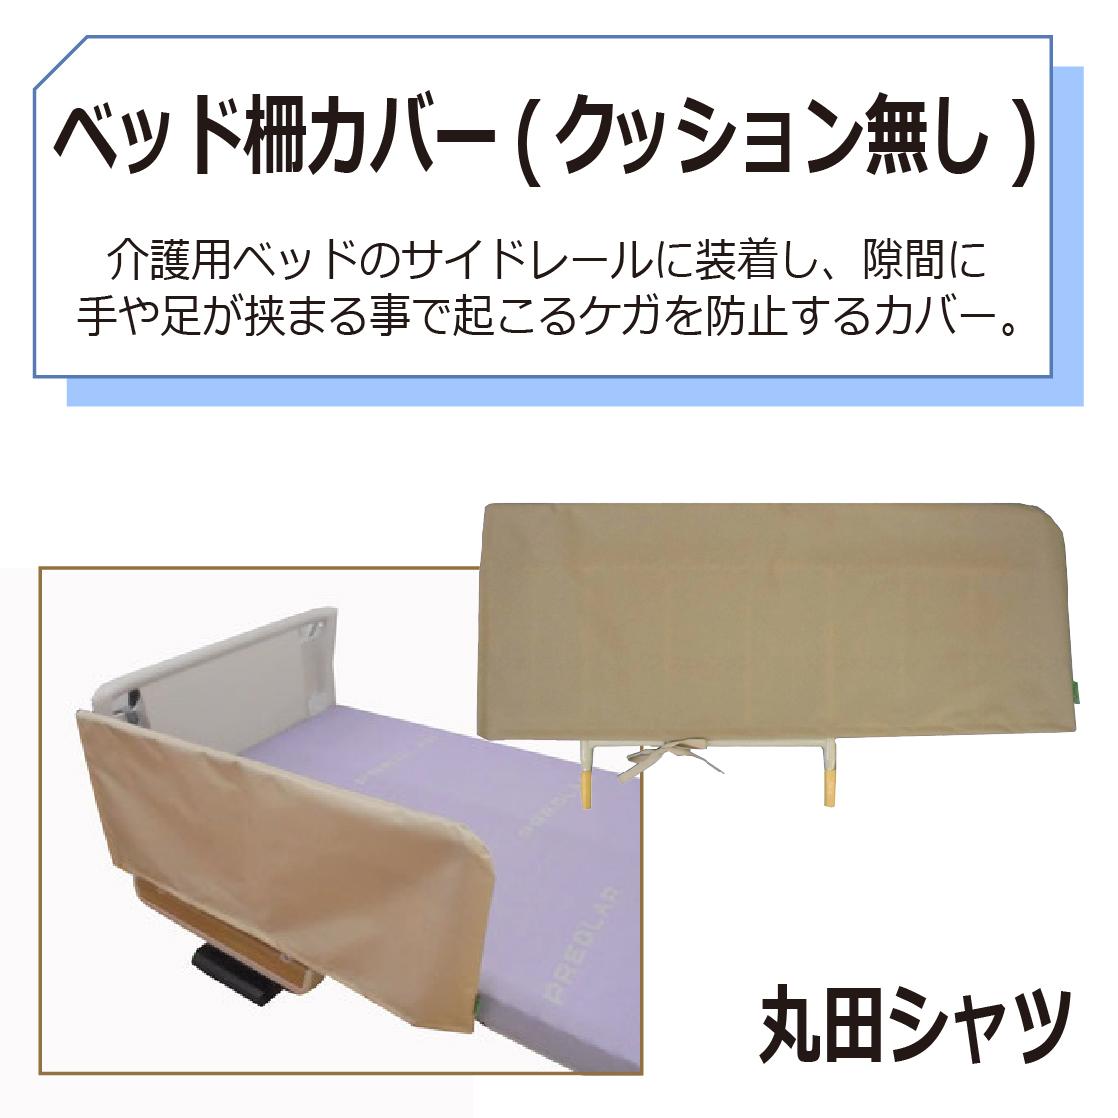 ベッド柵カバー(クッション無し)